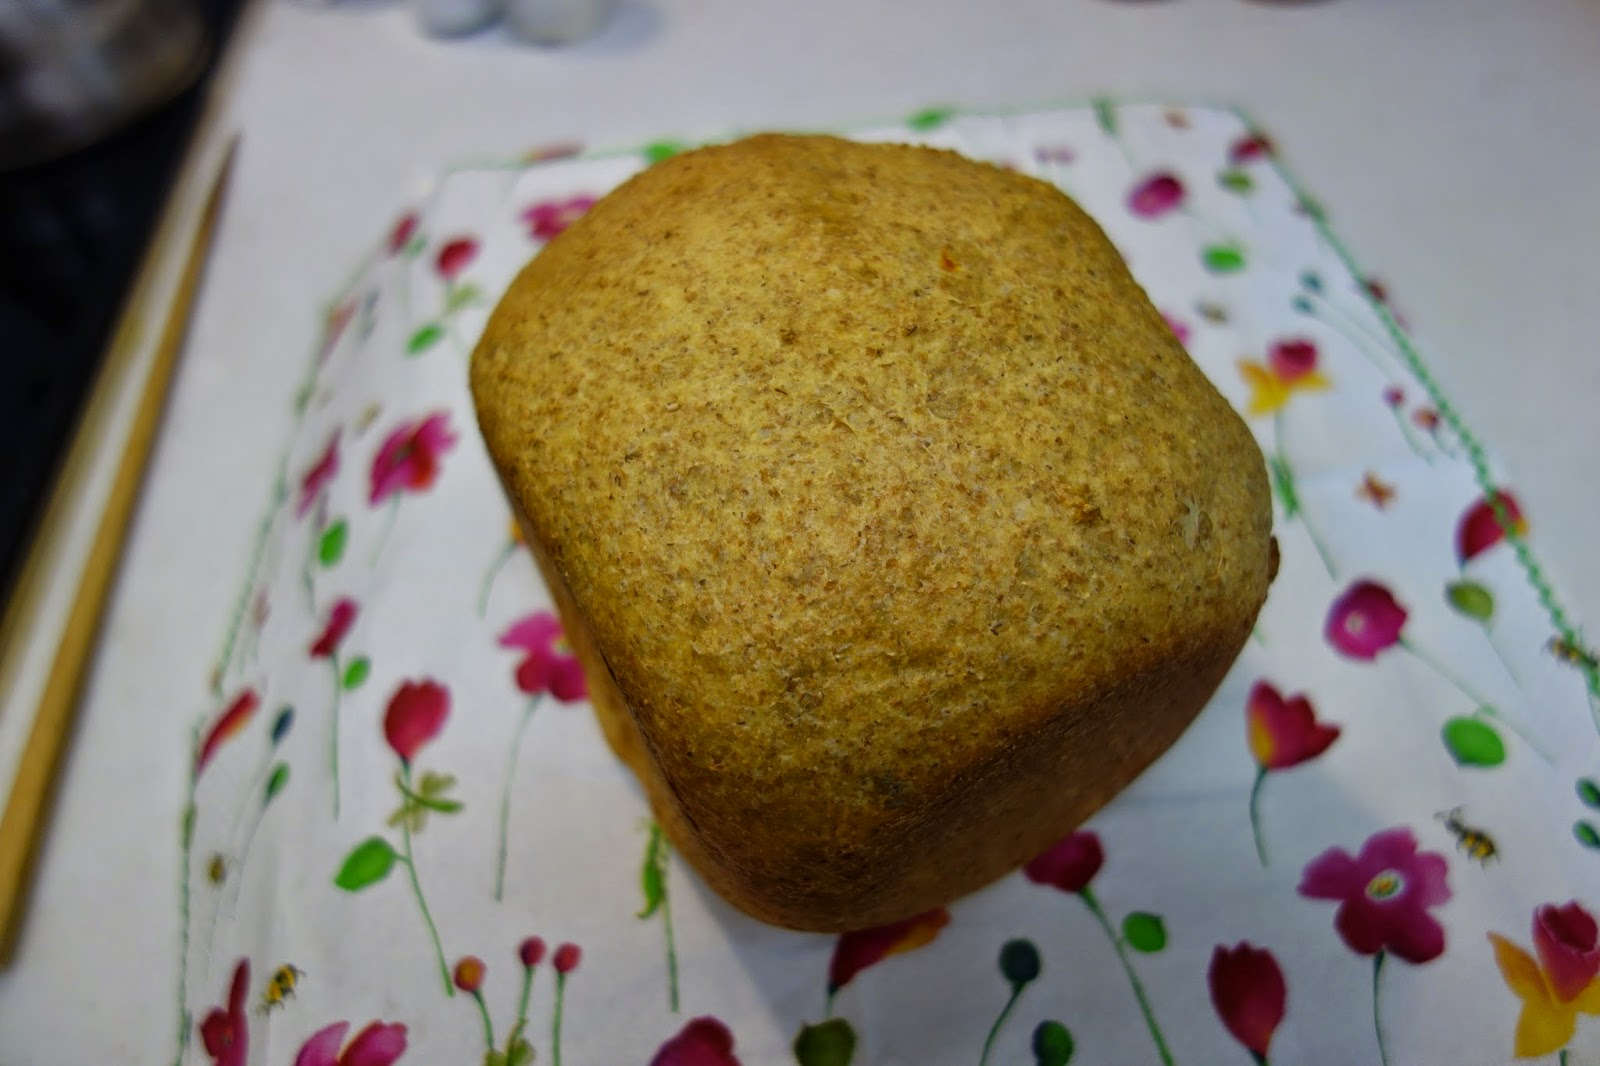 家庭用パン焼き器 HB で作った低糖質パン 糖質制限ダイエットにどうぞ  ホームベーカリー(パナソニックSD-BH105 HB)で焼きました 低糖質 糖質制限 ダイエット メニュー 作り方 レシピ  パン焼き機 全粒粉 低糖類 ラカント パルスウィート バイタミックス ミキサー 乾燥大豆 大豆粉 卵 たまご  砂糖を使わない 簡単 グルテン 少な目 ふすま 衾 ブラン ラカンカット バター にんにく ガーリック